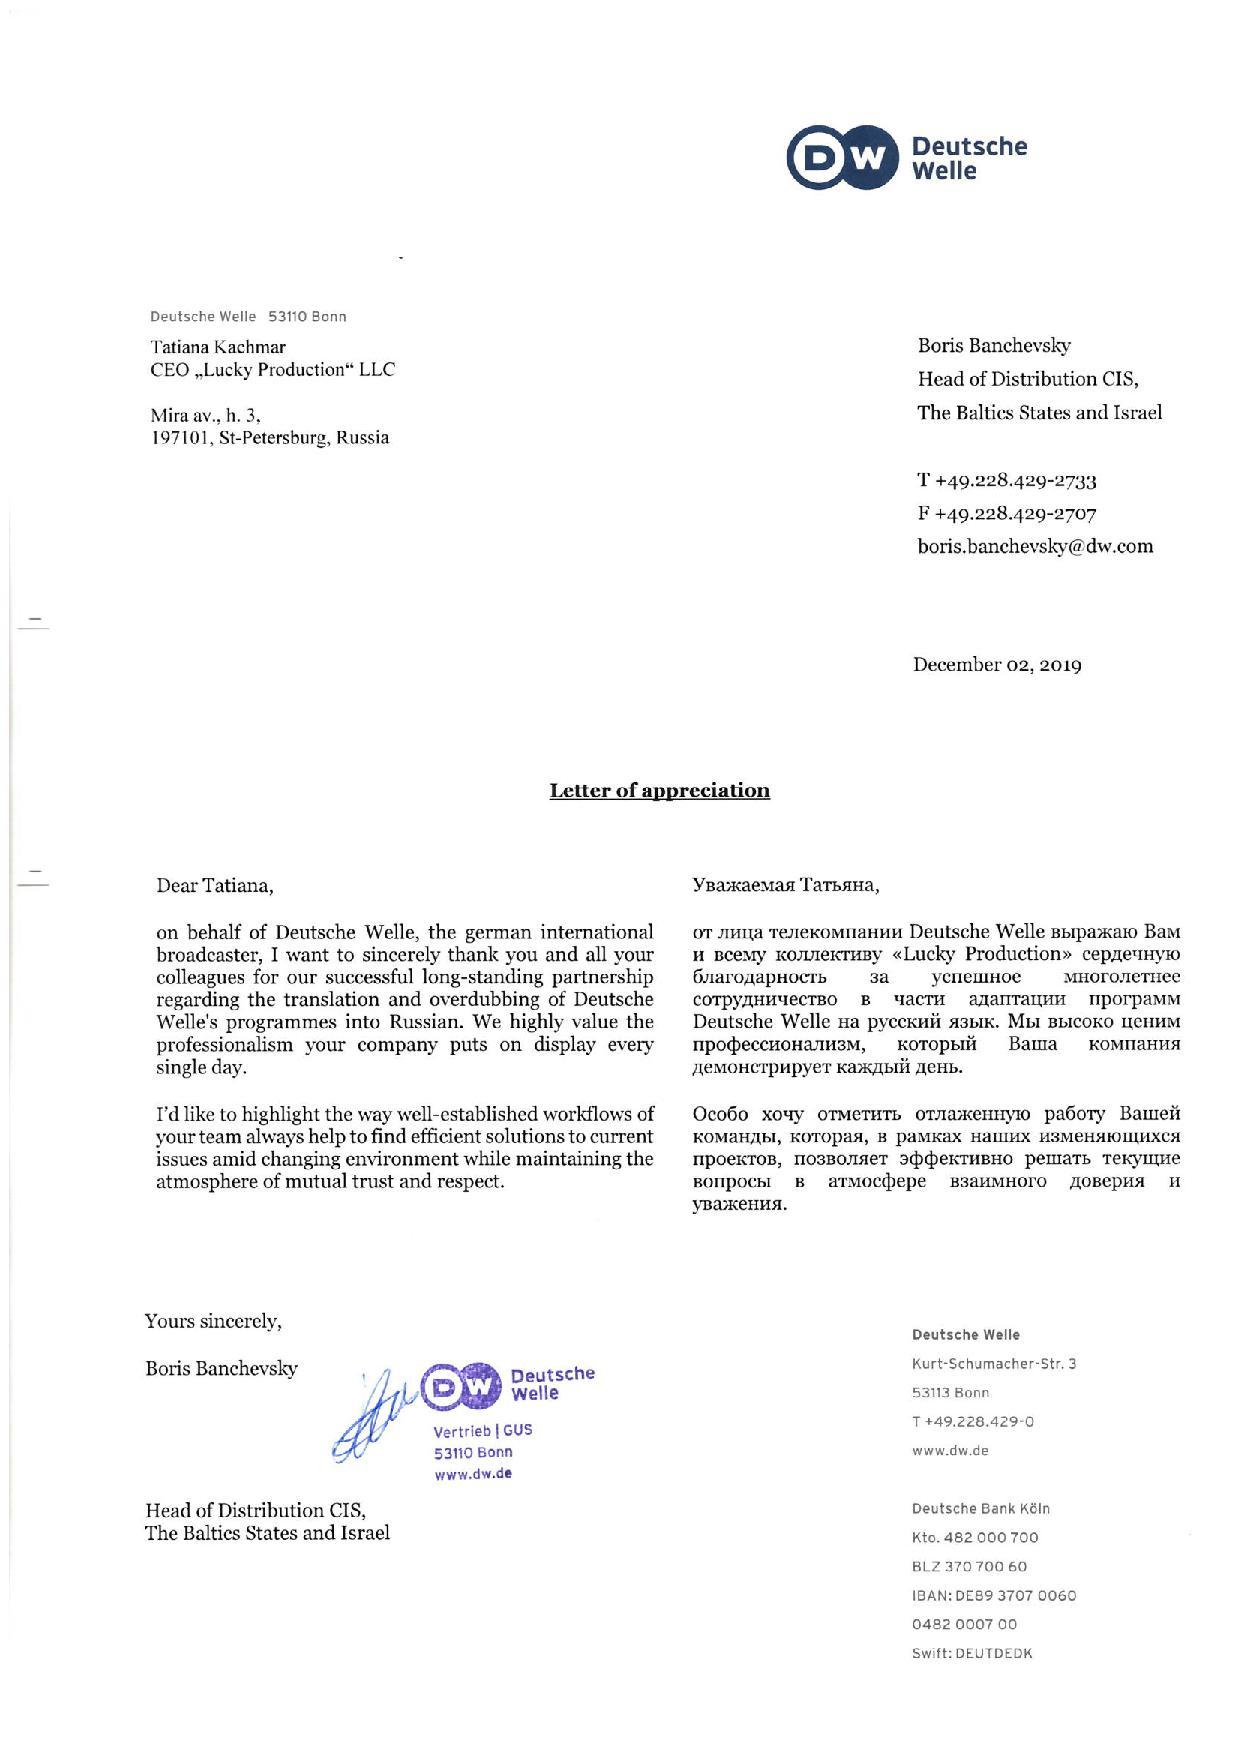 Благодарственное письмо от Deutsche Welle